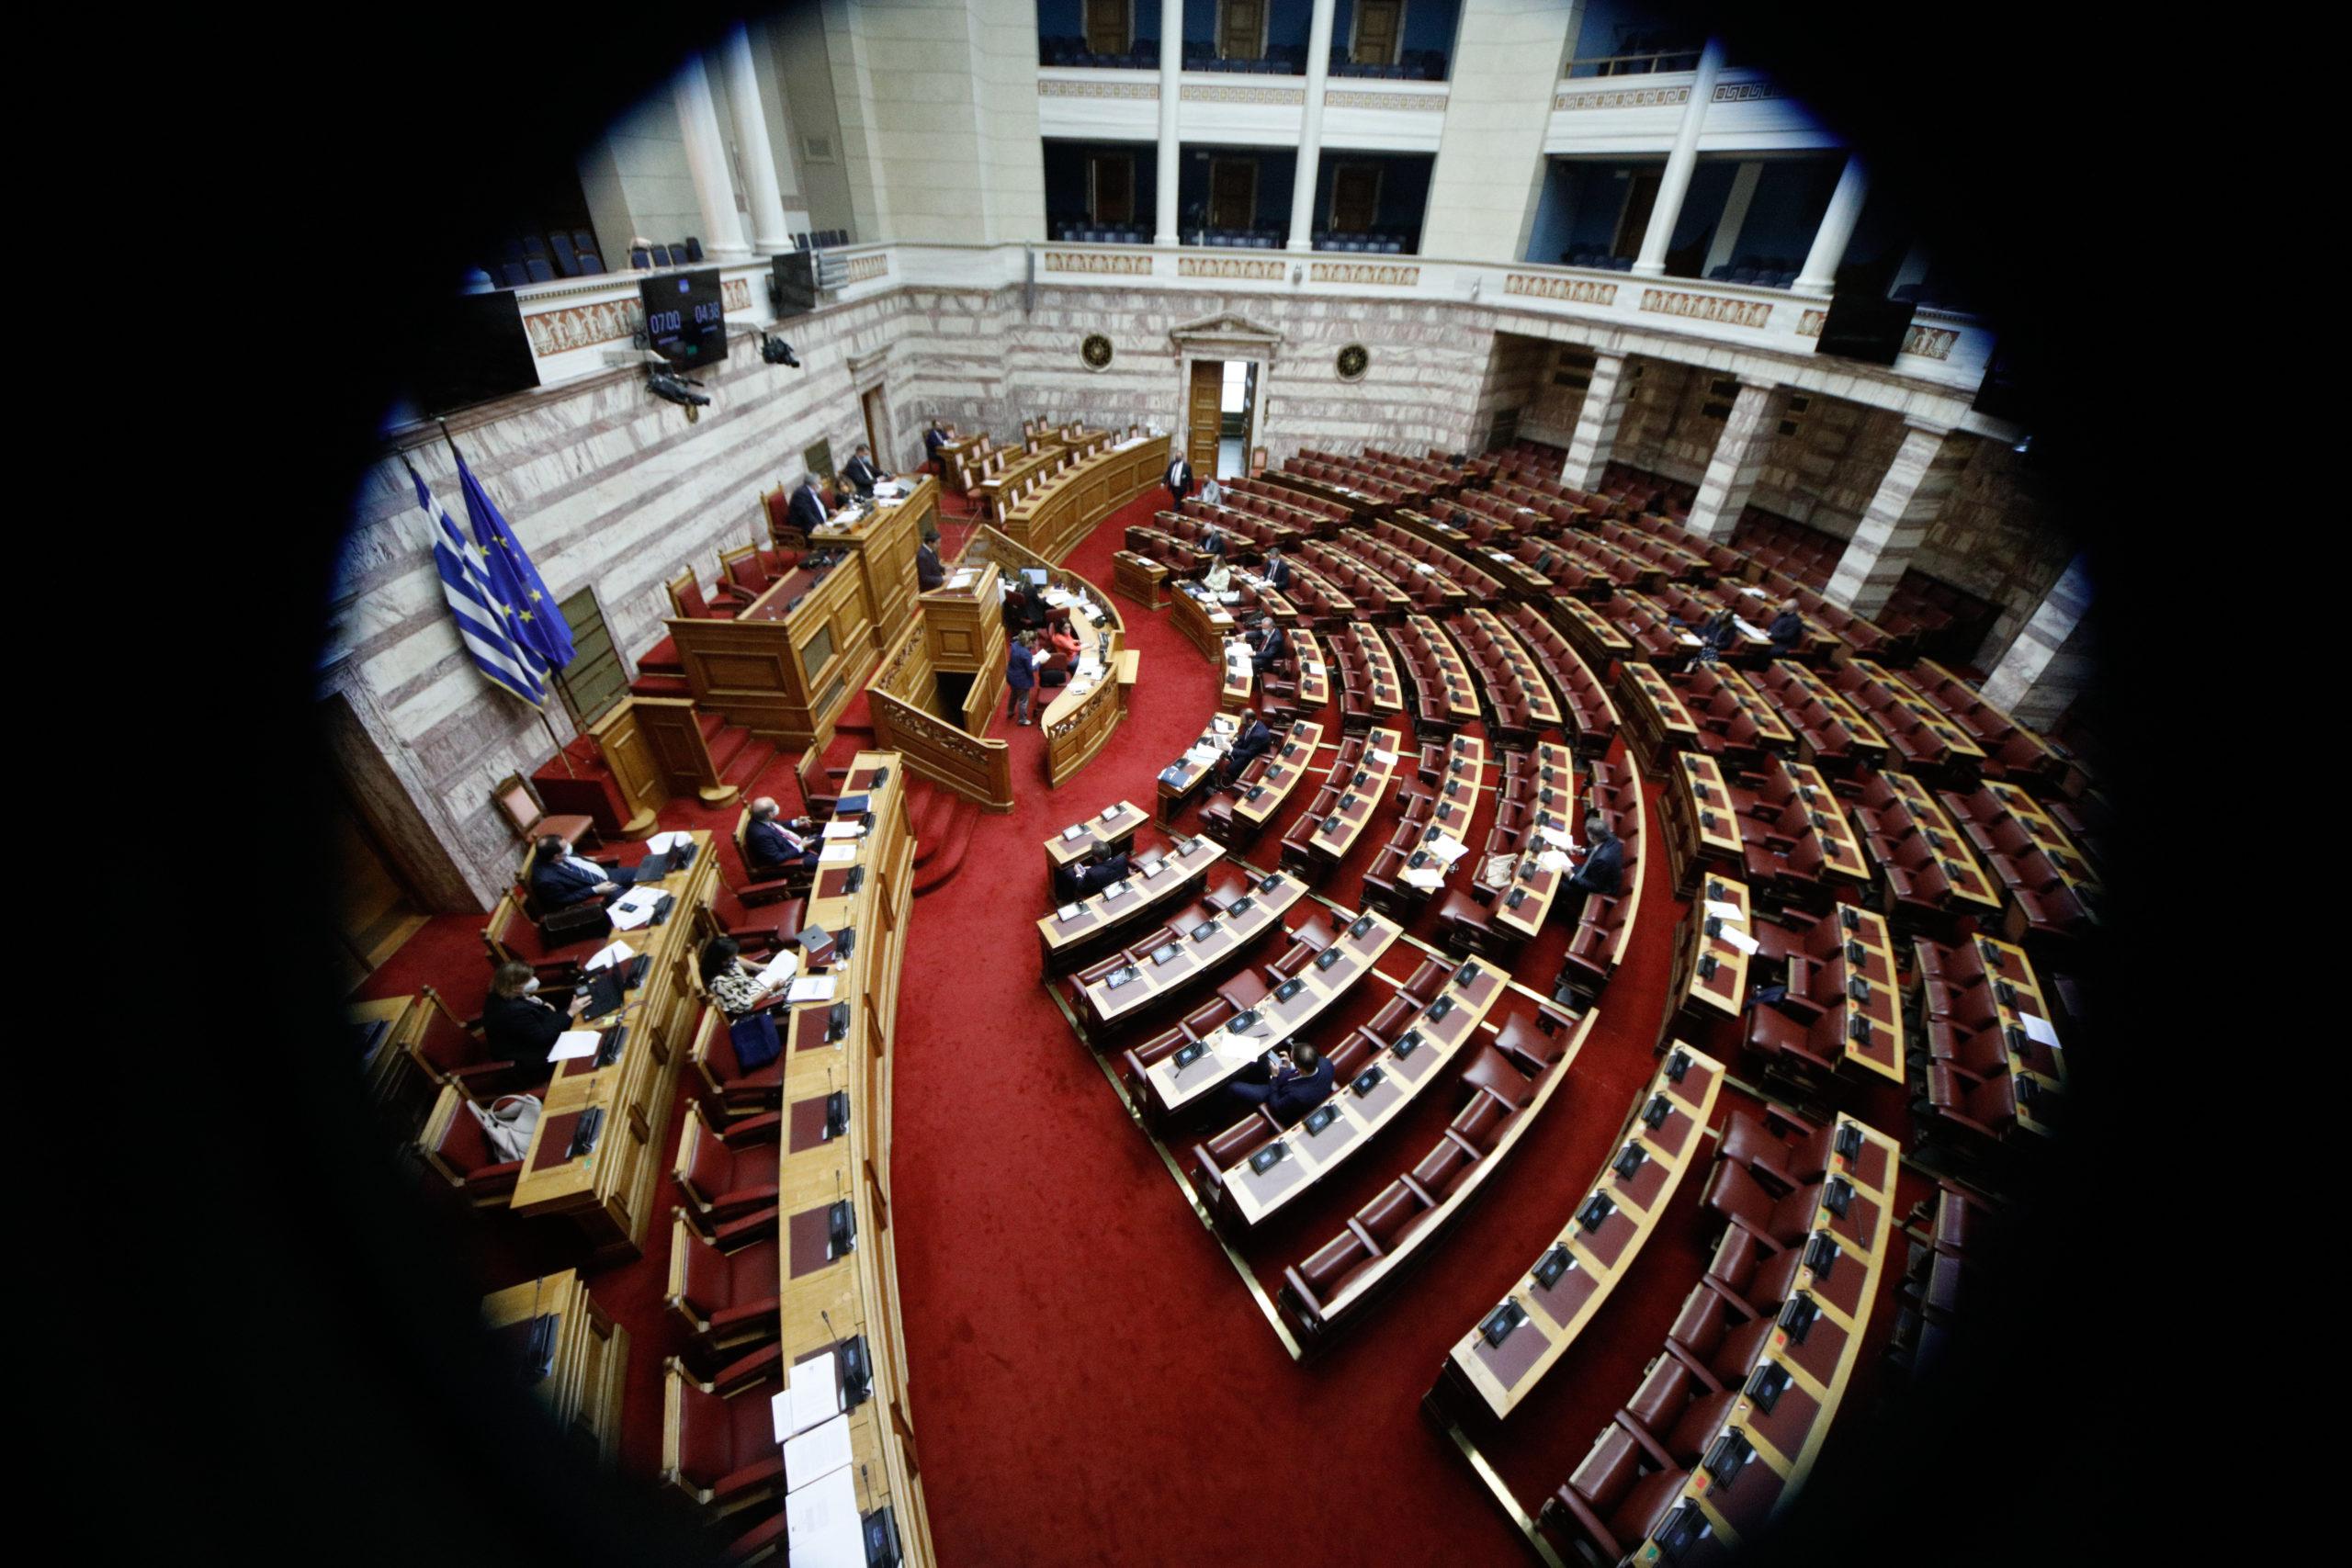 Την Τετάρτη εν μέσω κινητοποιήσεων η ονομαστική ψηφοφορία για το εργασιακό – Αντιπαράθεση στη Βουλή (video)